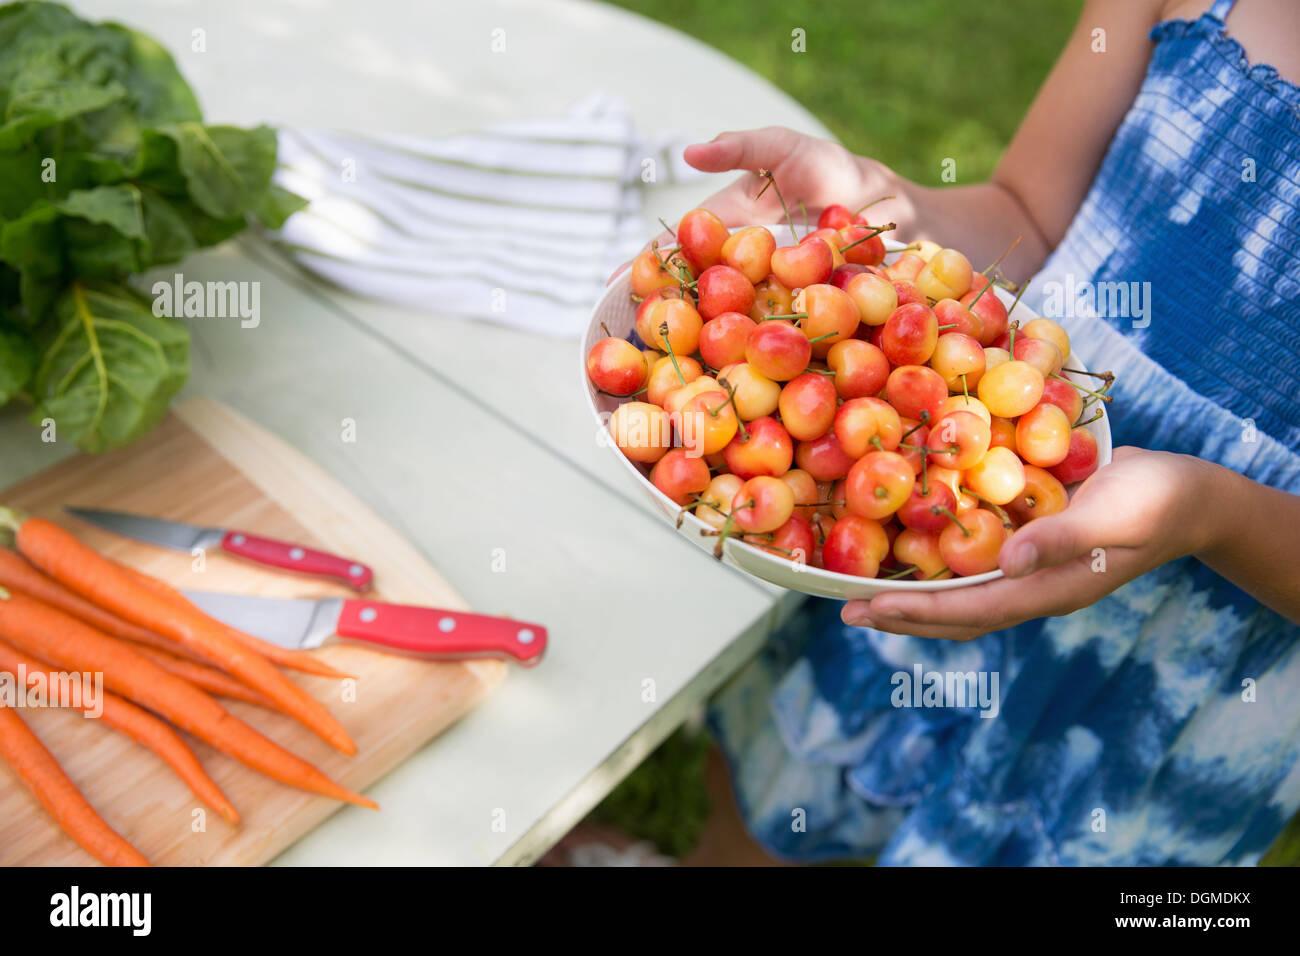 Familienfest. Ein Kind trägt eine Schüssel mit frisch gepflückten Kirschen zu einem Buffet-Tisch. Stockbild